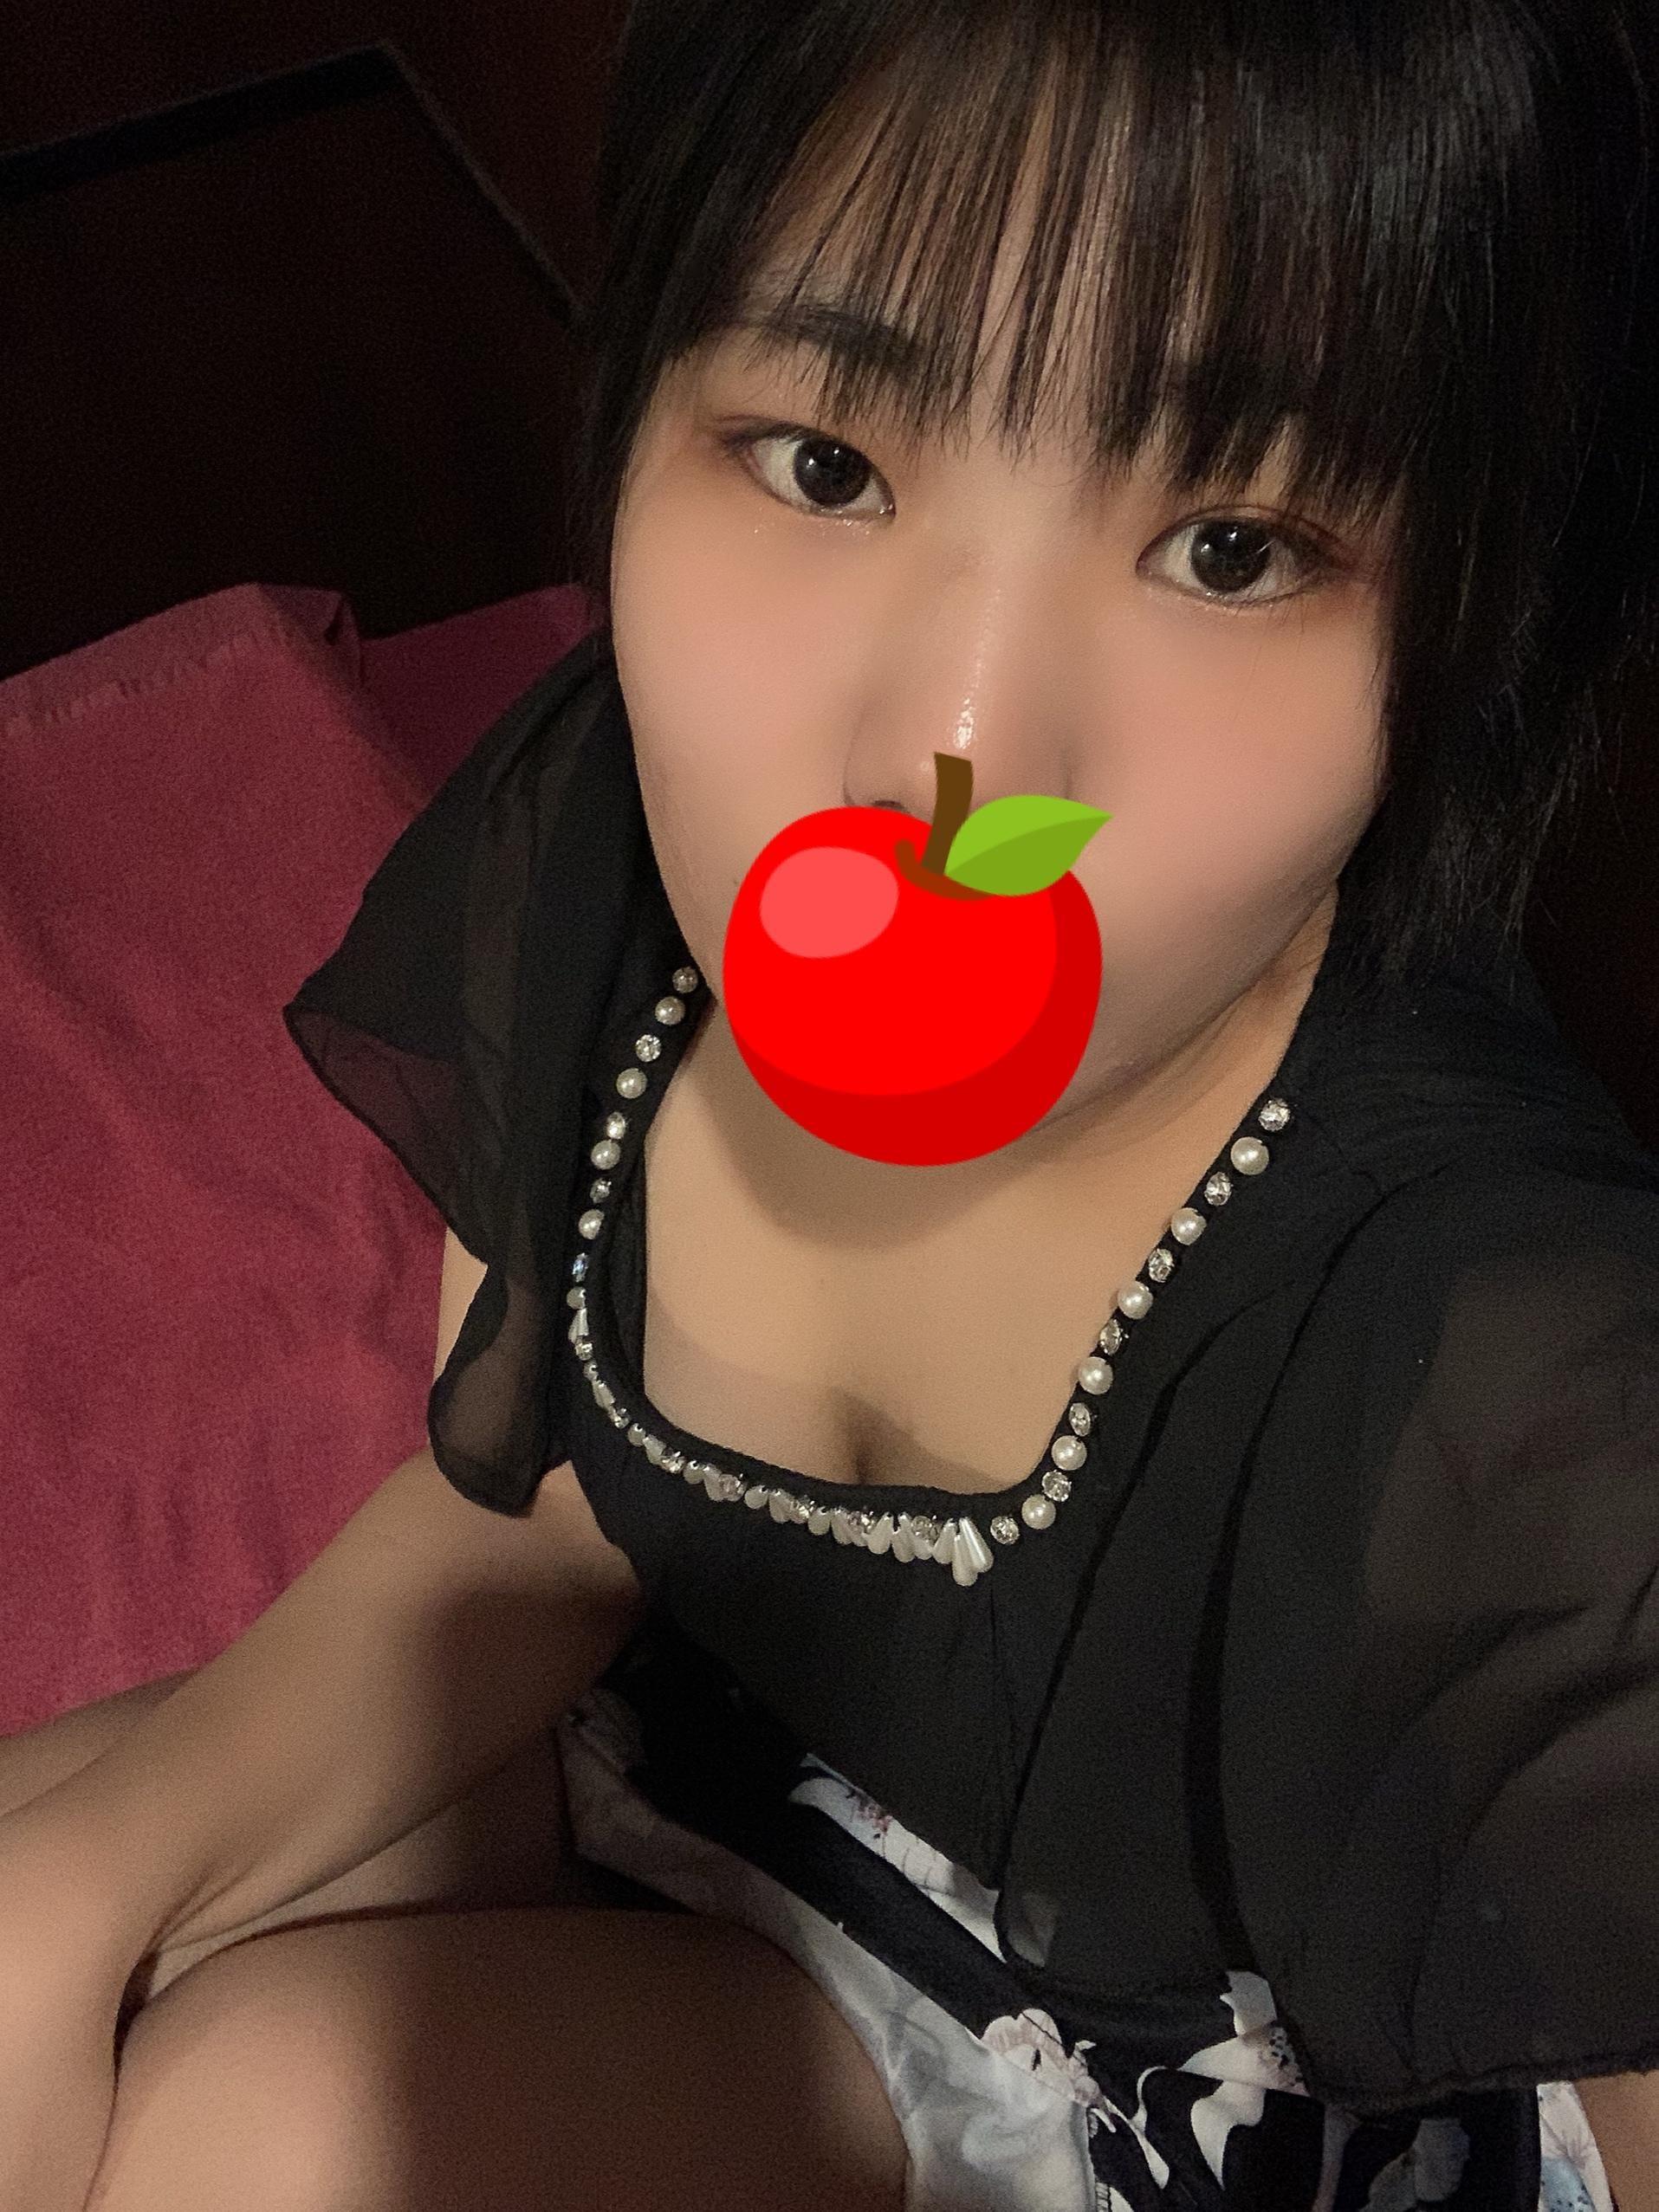 「ありがとうございました♡」12/04(12/04) 22:15   ゆうらの写メ・風俗動画